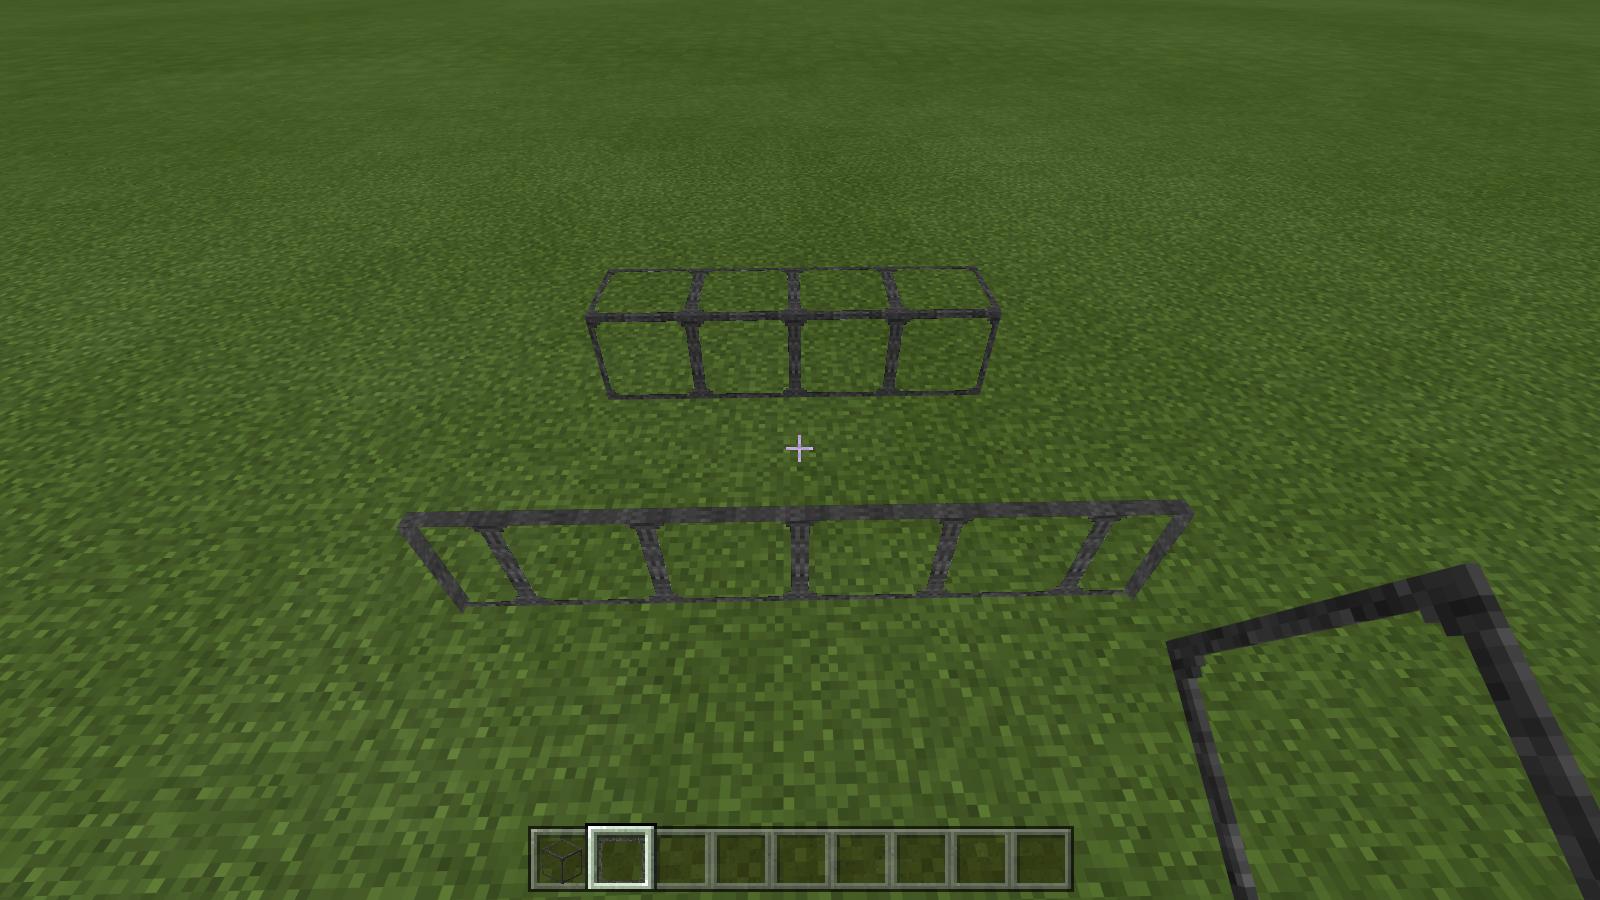 how to find coordinates in minecraft windows 10